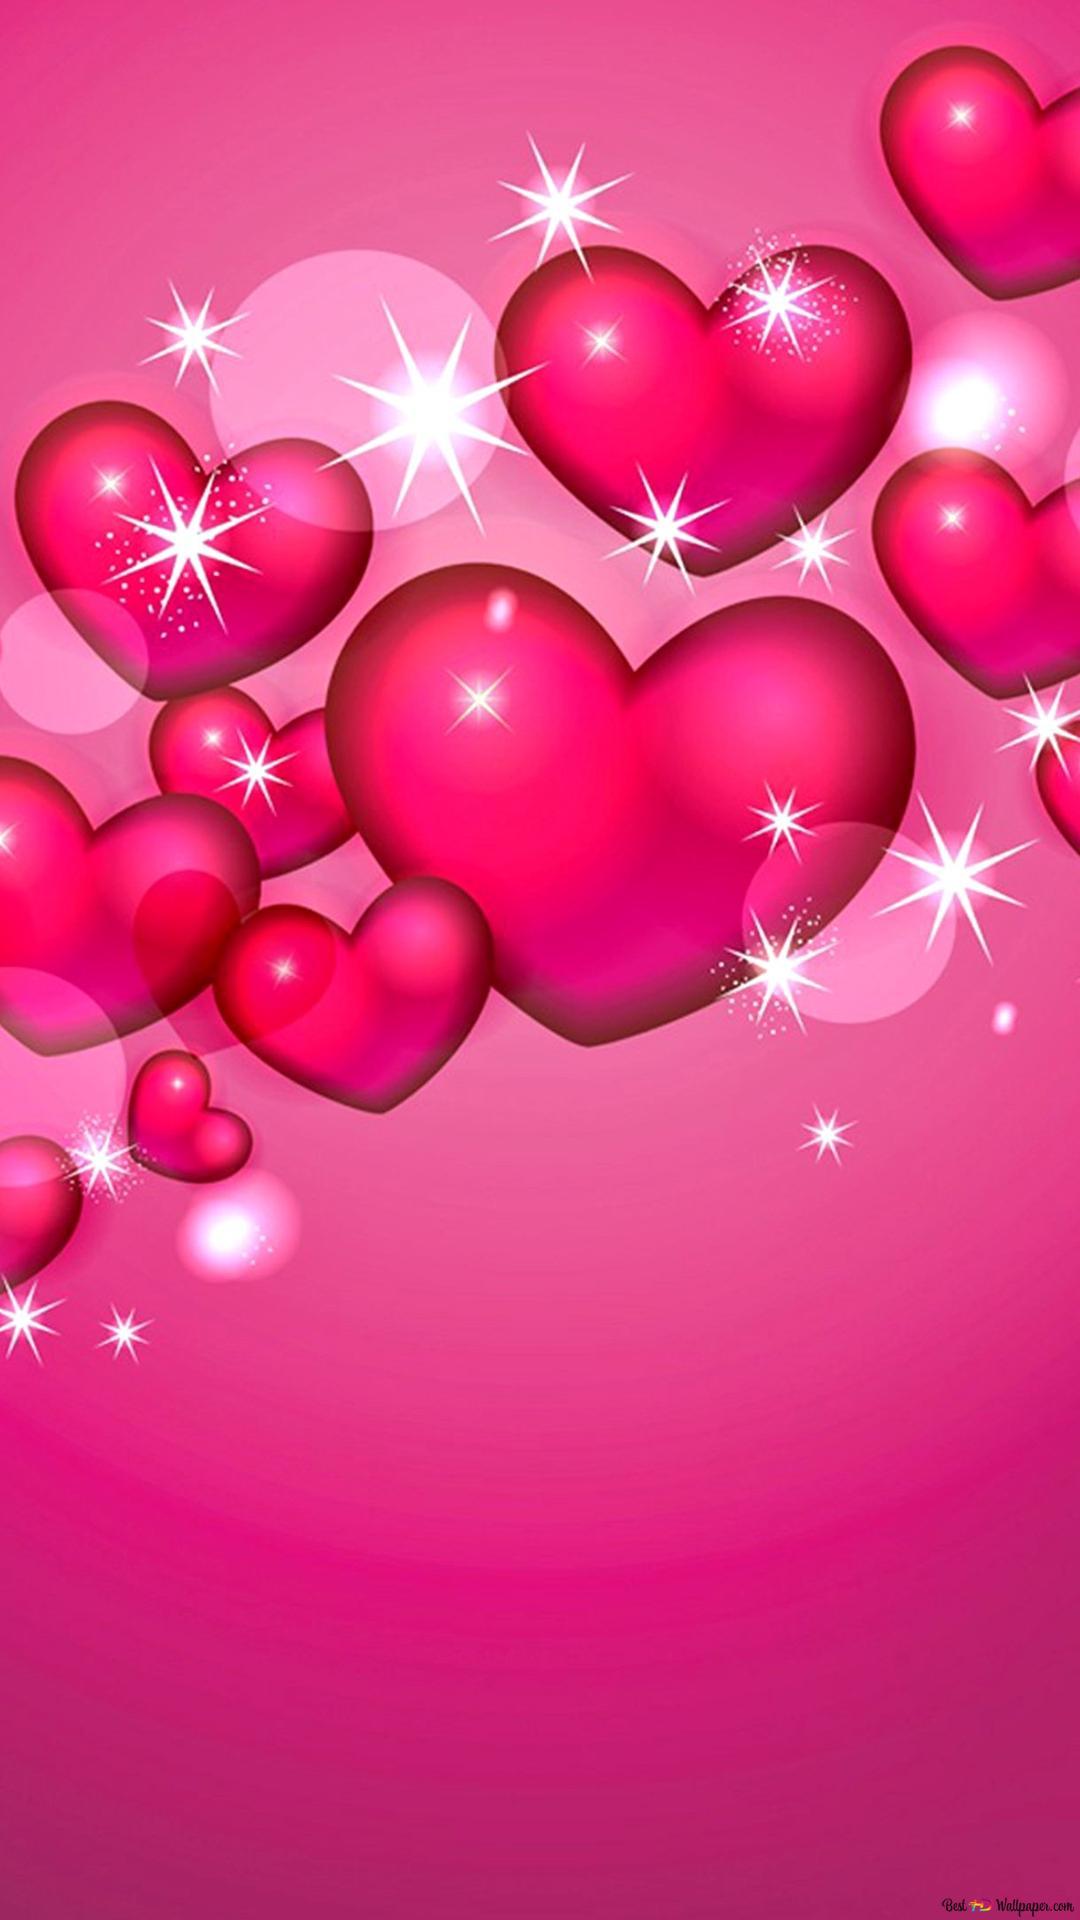 Sevgililer Günü Güzel Pembe Kalpler Arka Plan Hd Duvar Kağıdı Indir